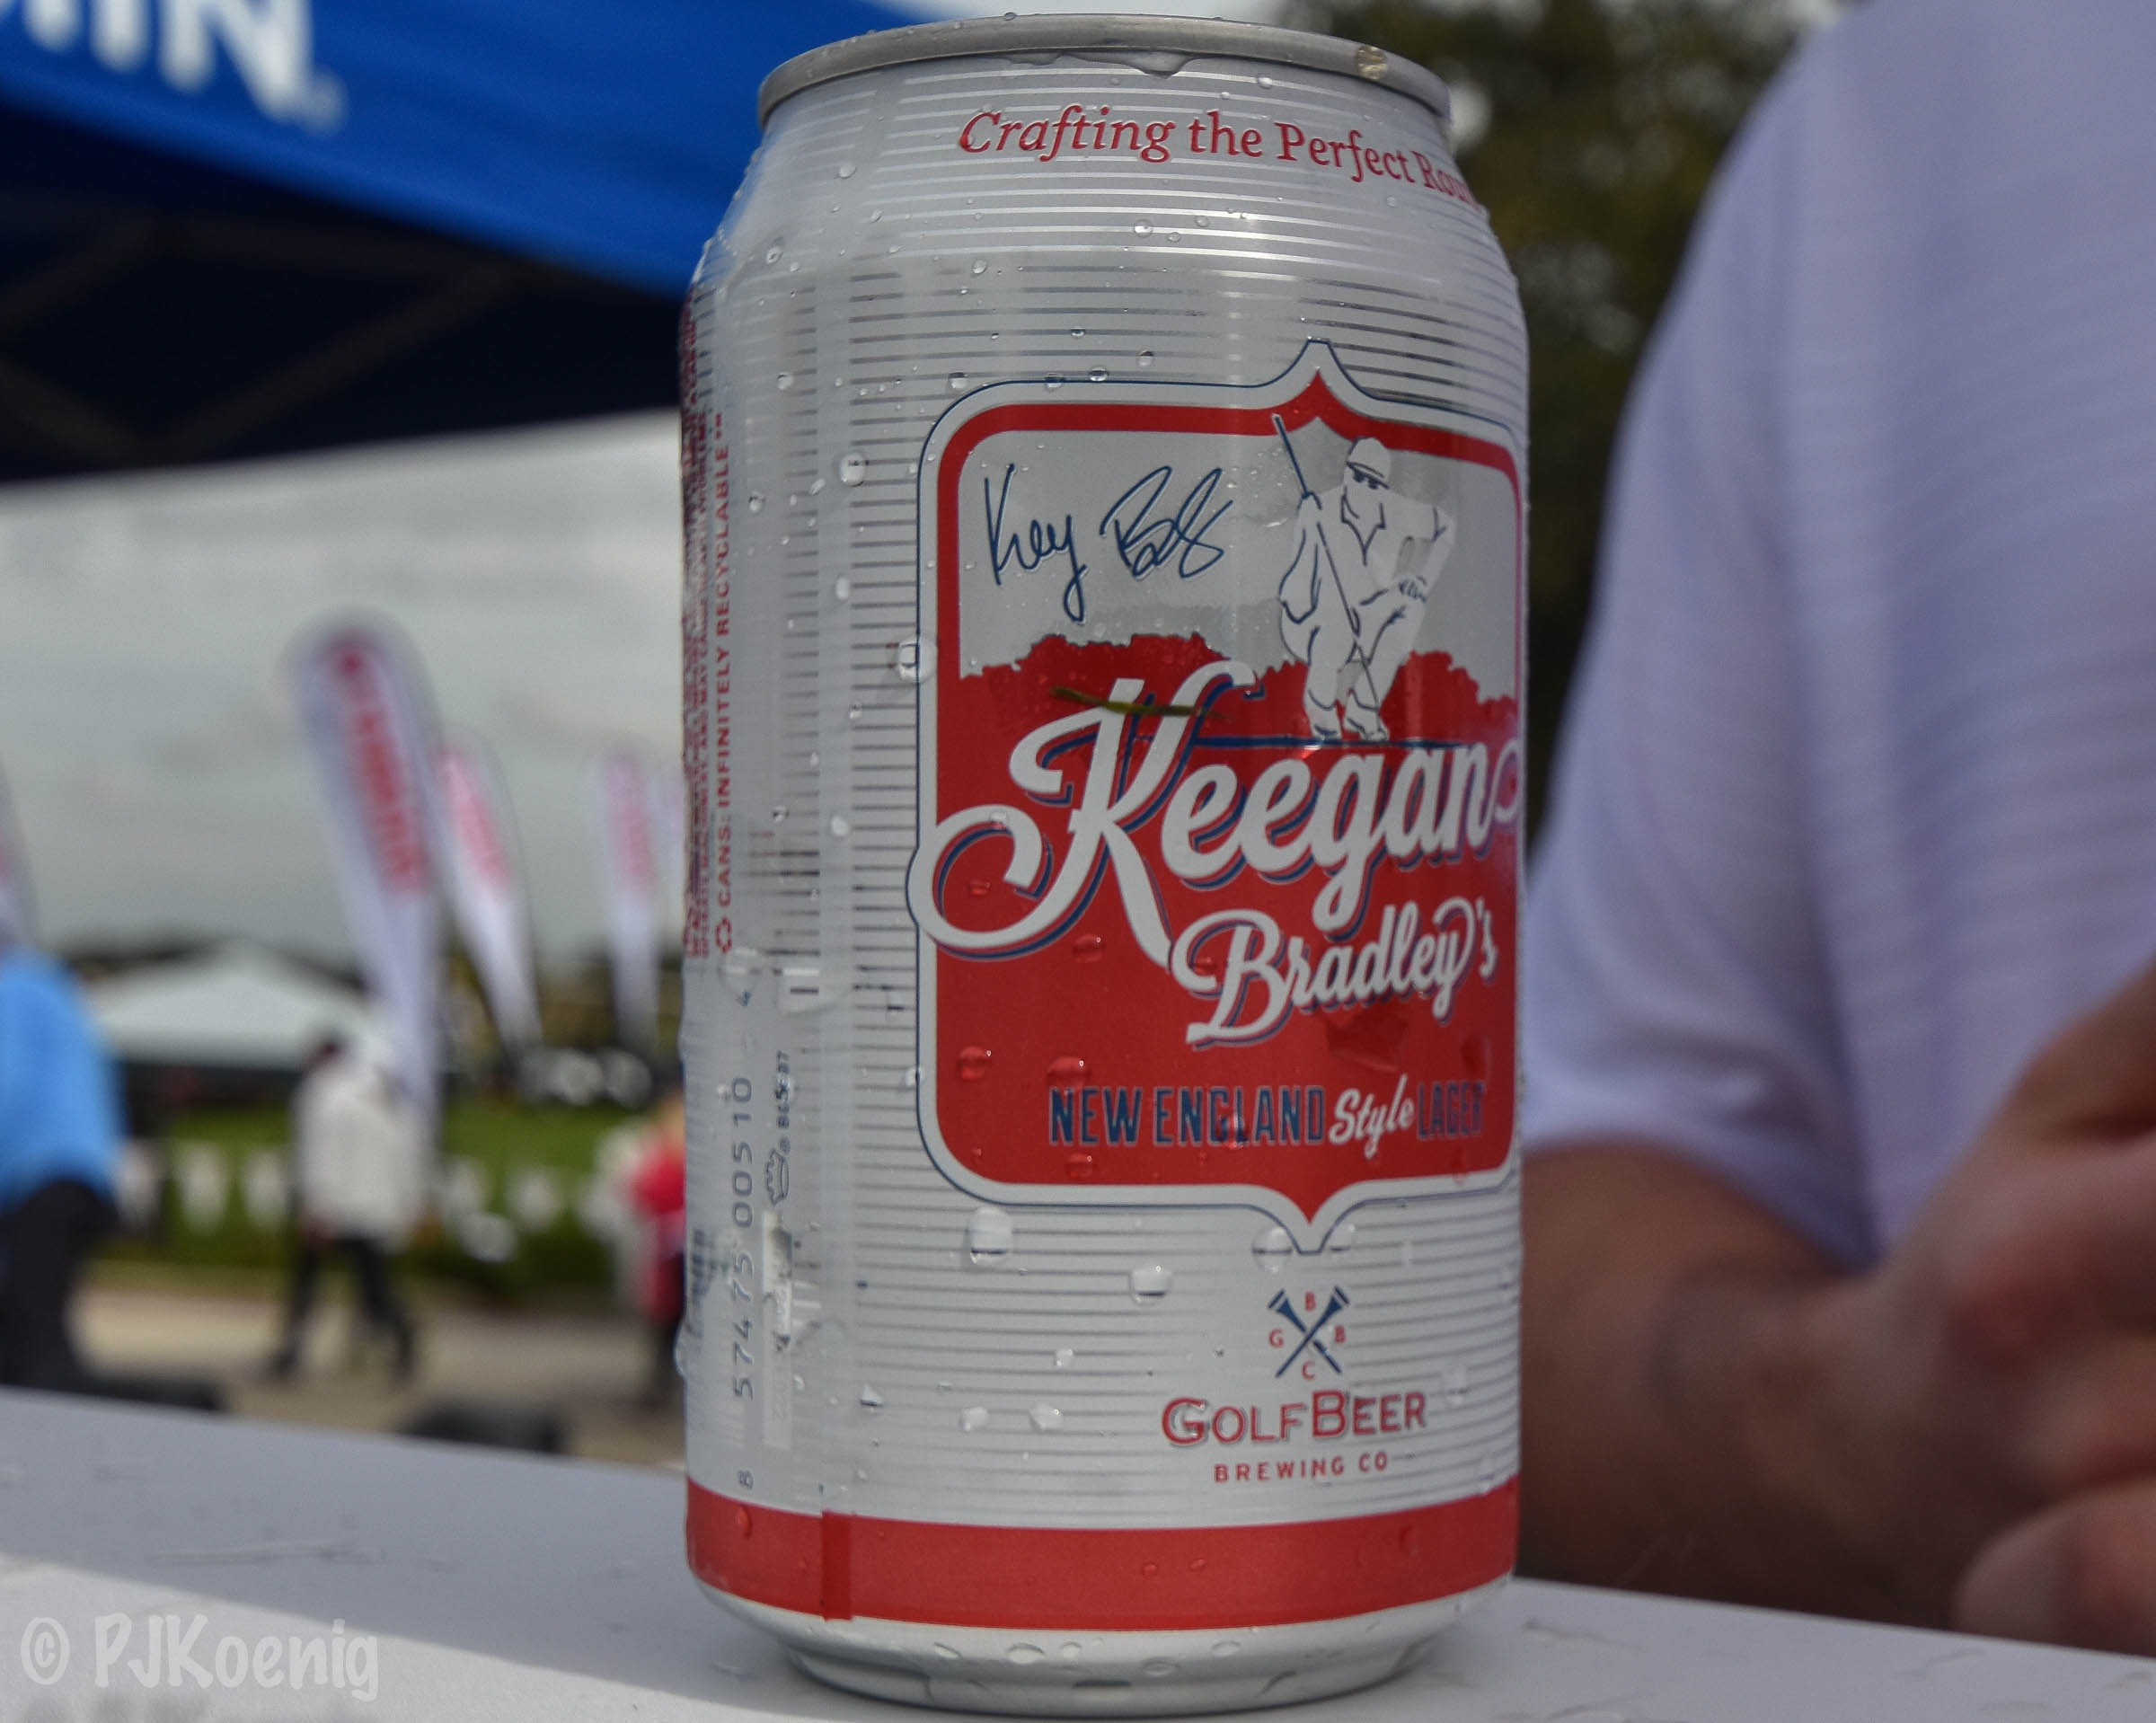 Keegan Bradley has his own beer now. Finally.